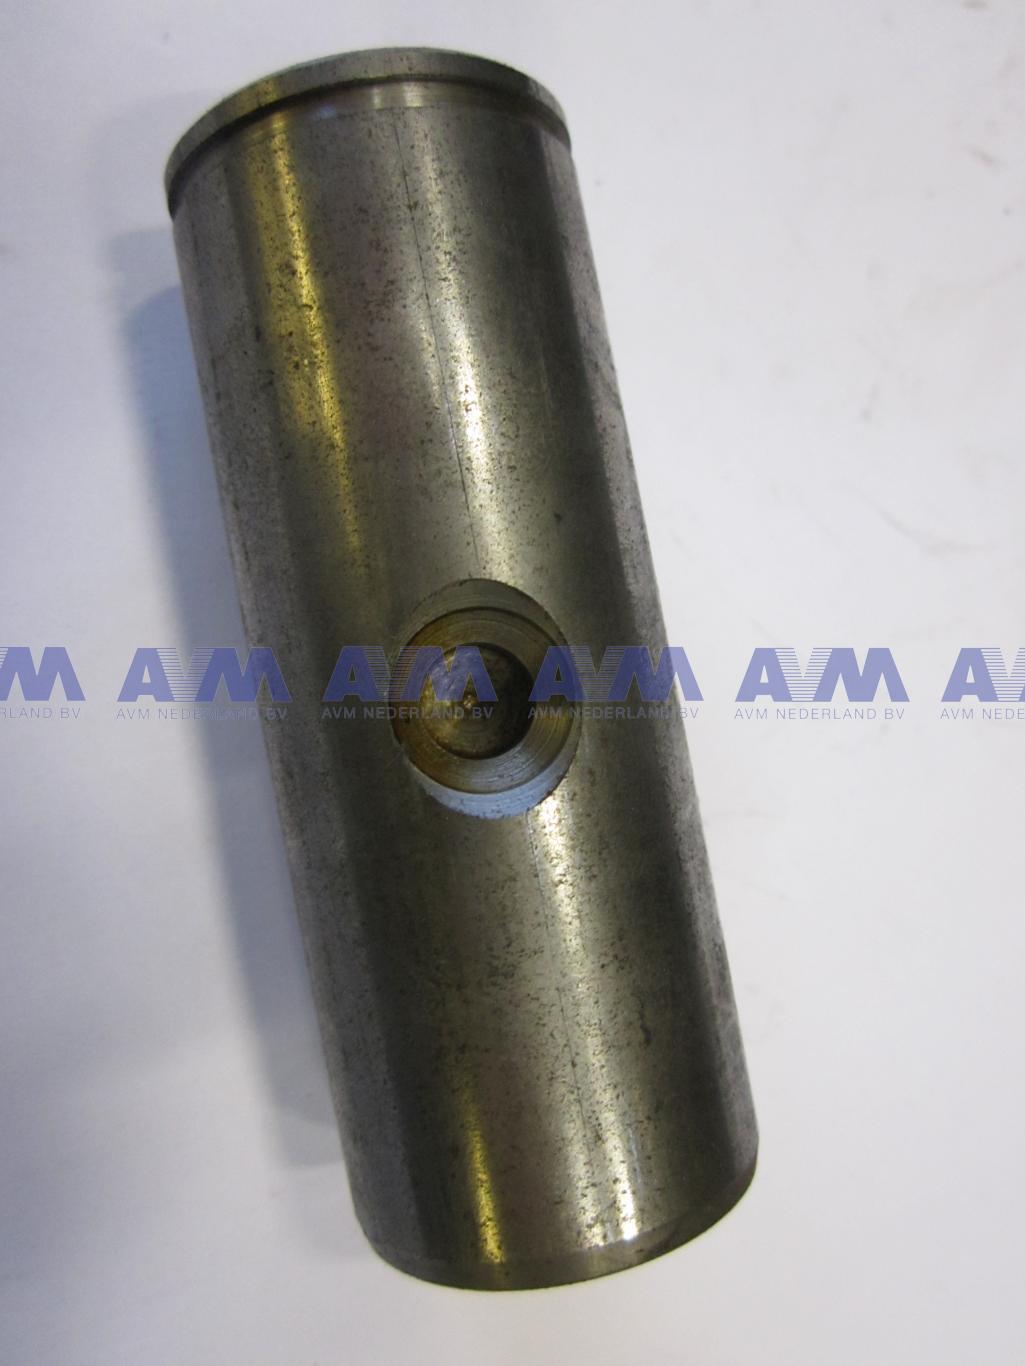 Pen DP-42602-1 Knott